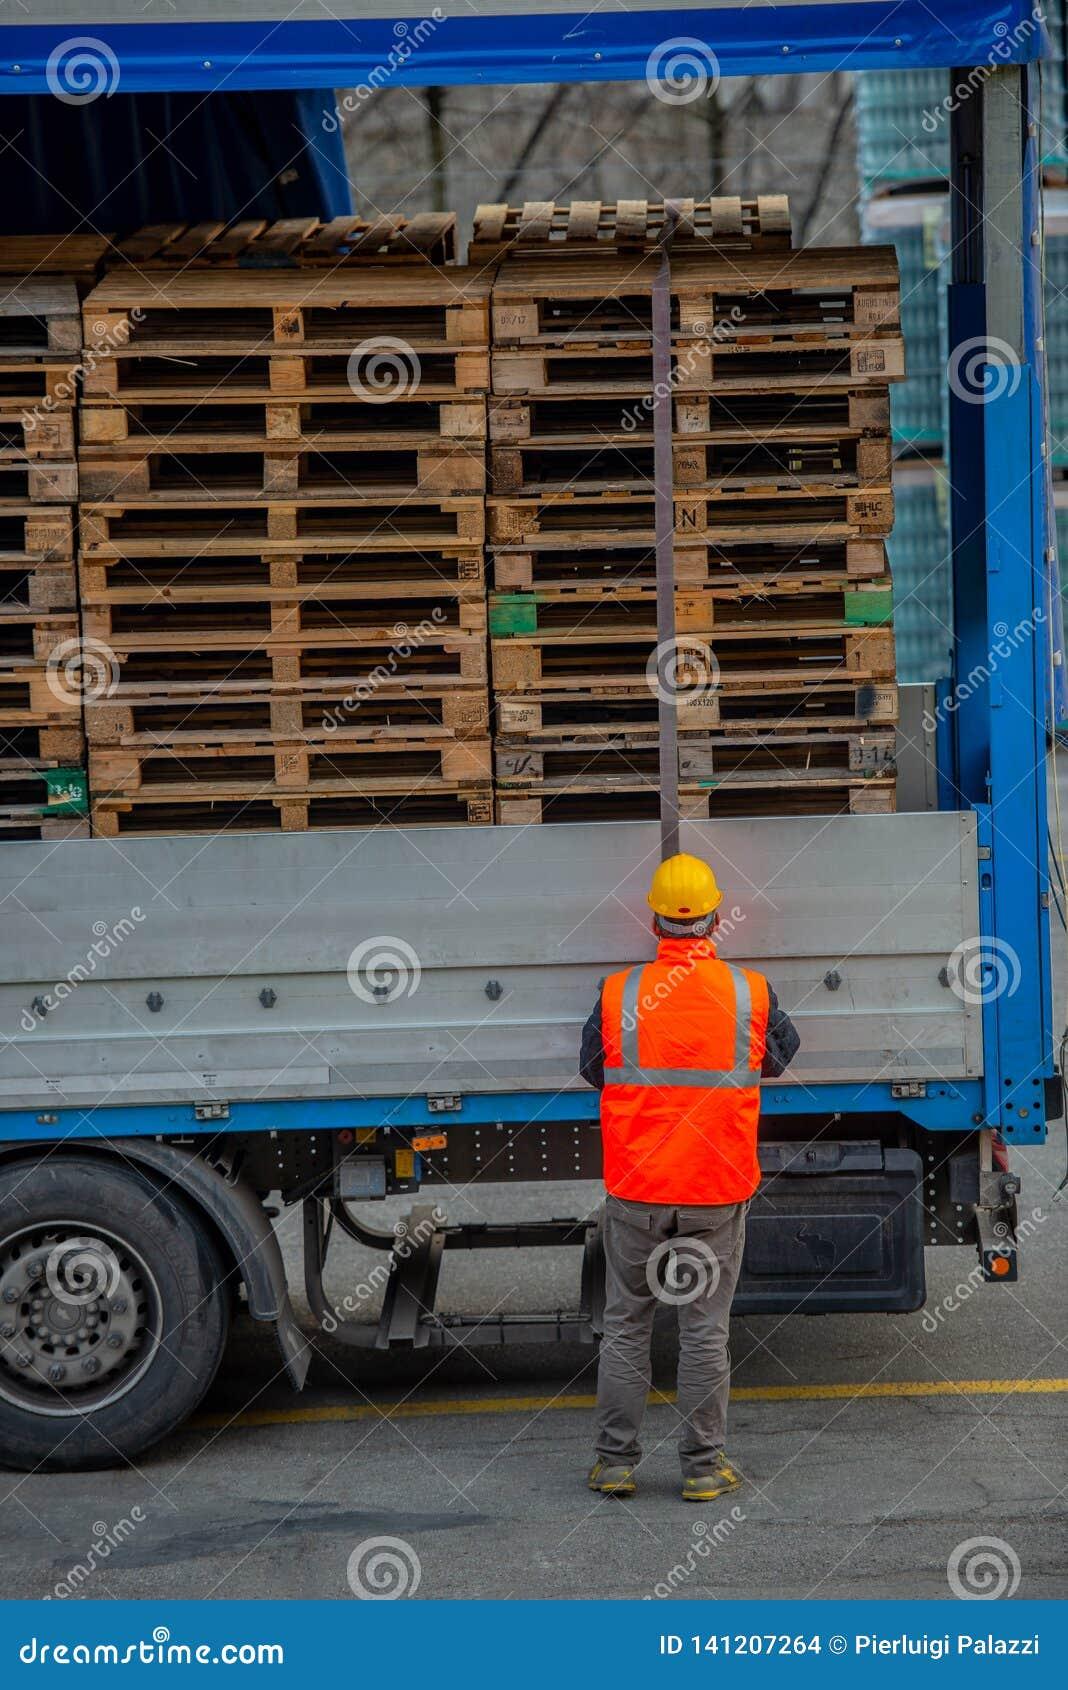 El conductor de camión asegura el cargamento de botellas de agua mineral atándolo con las cuerdas antes de comenzar el transporte